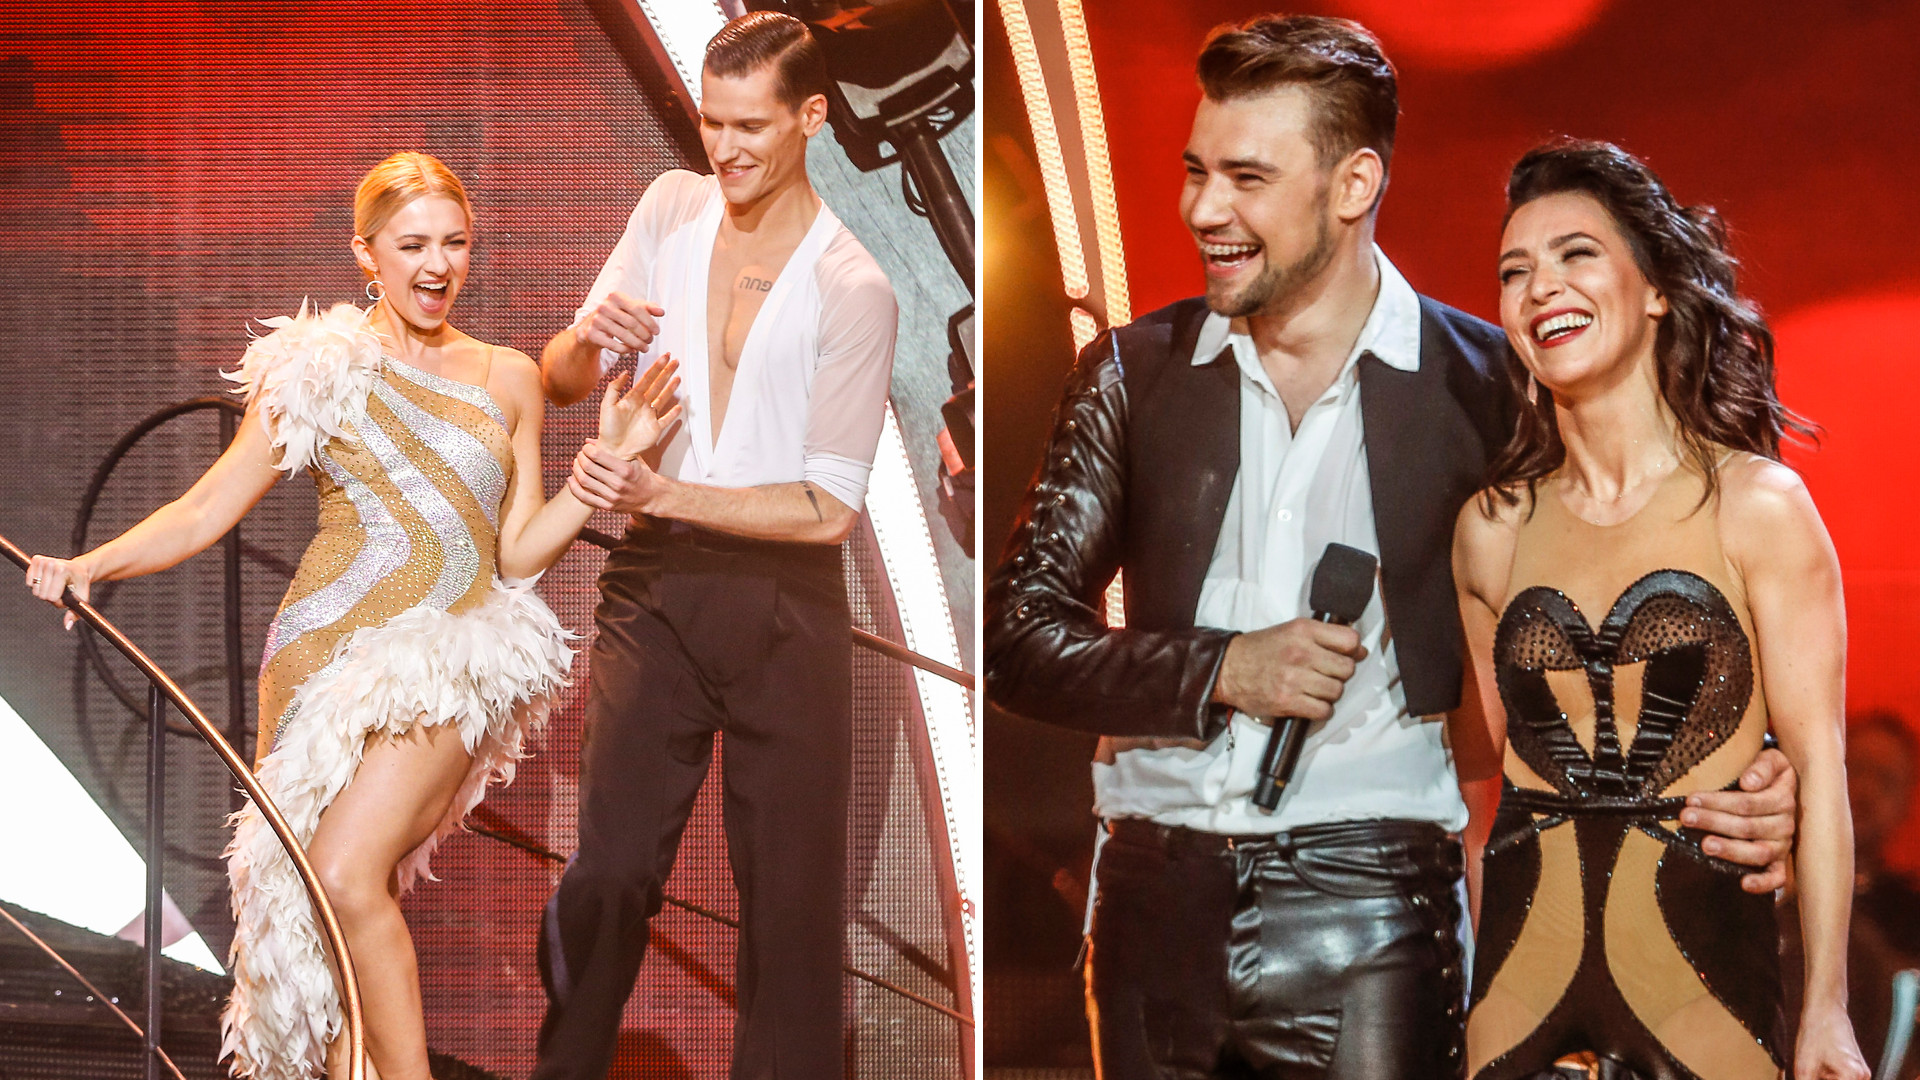 Taniec z gwiazdami: wielki pojedynek – Barbara Kurdej-Szatan czy Damian Kordas? Wiemy, za kogo trzymają kciuki Czytelnicy Kozaczka